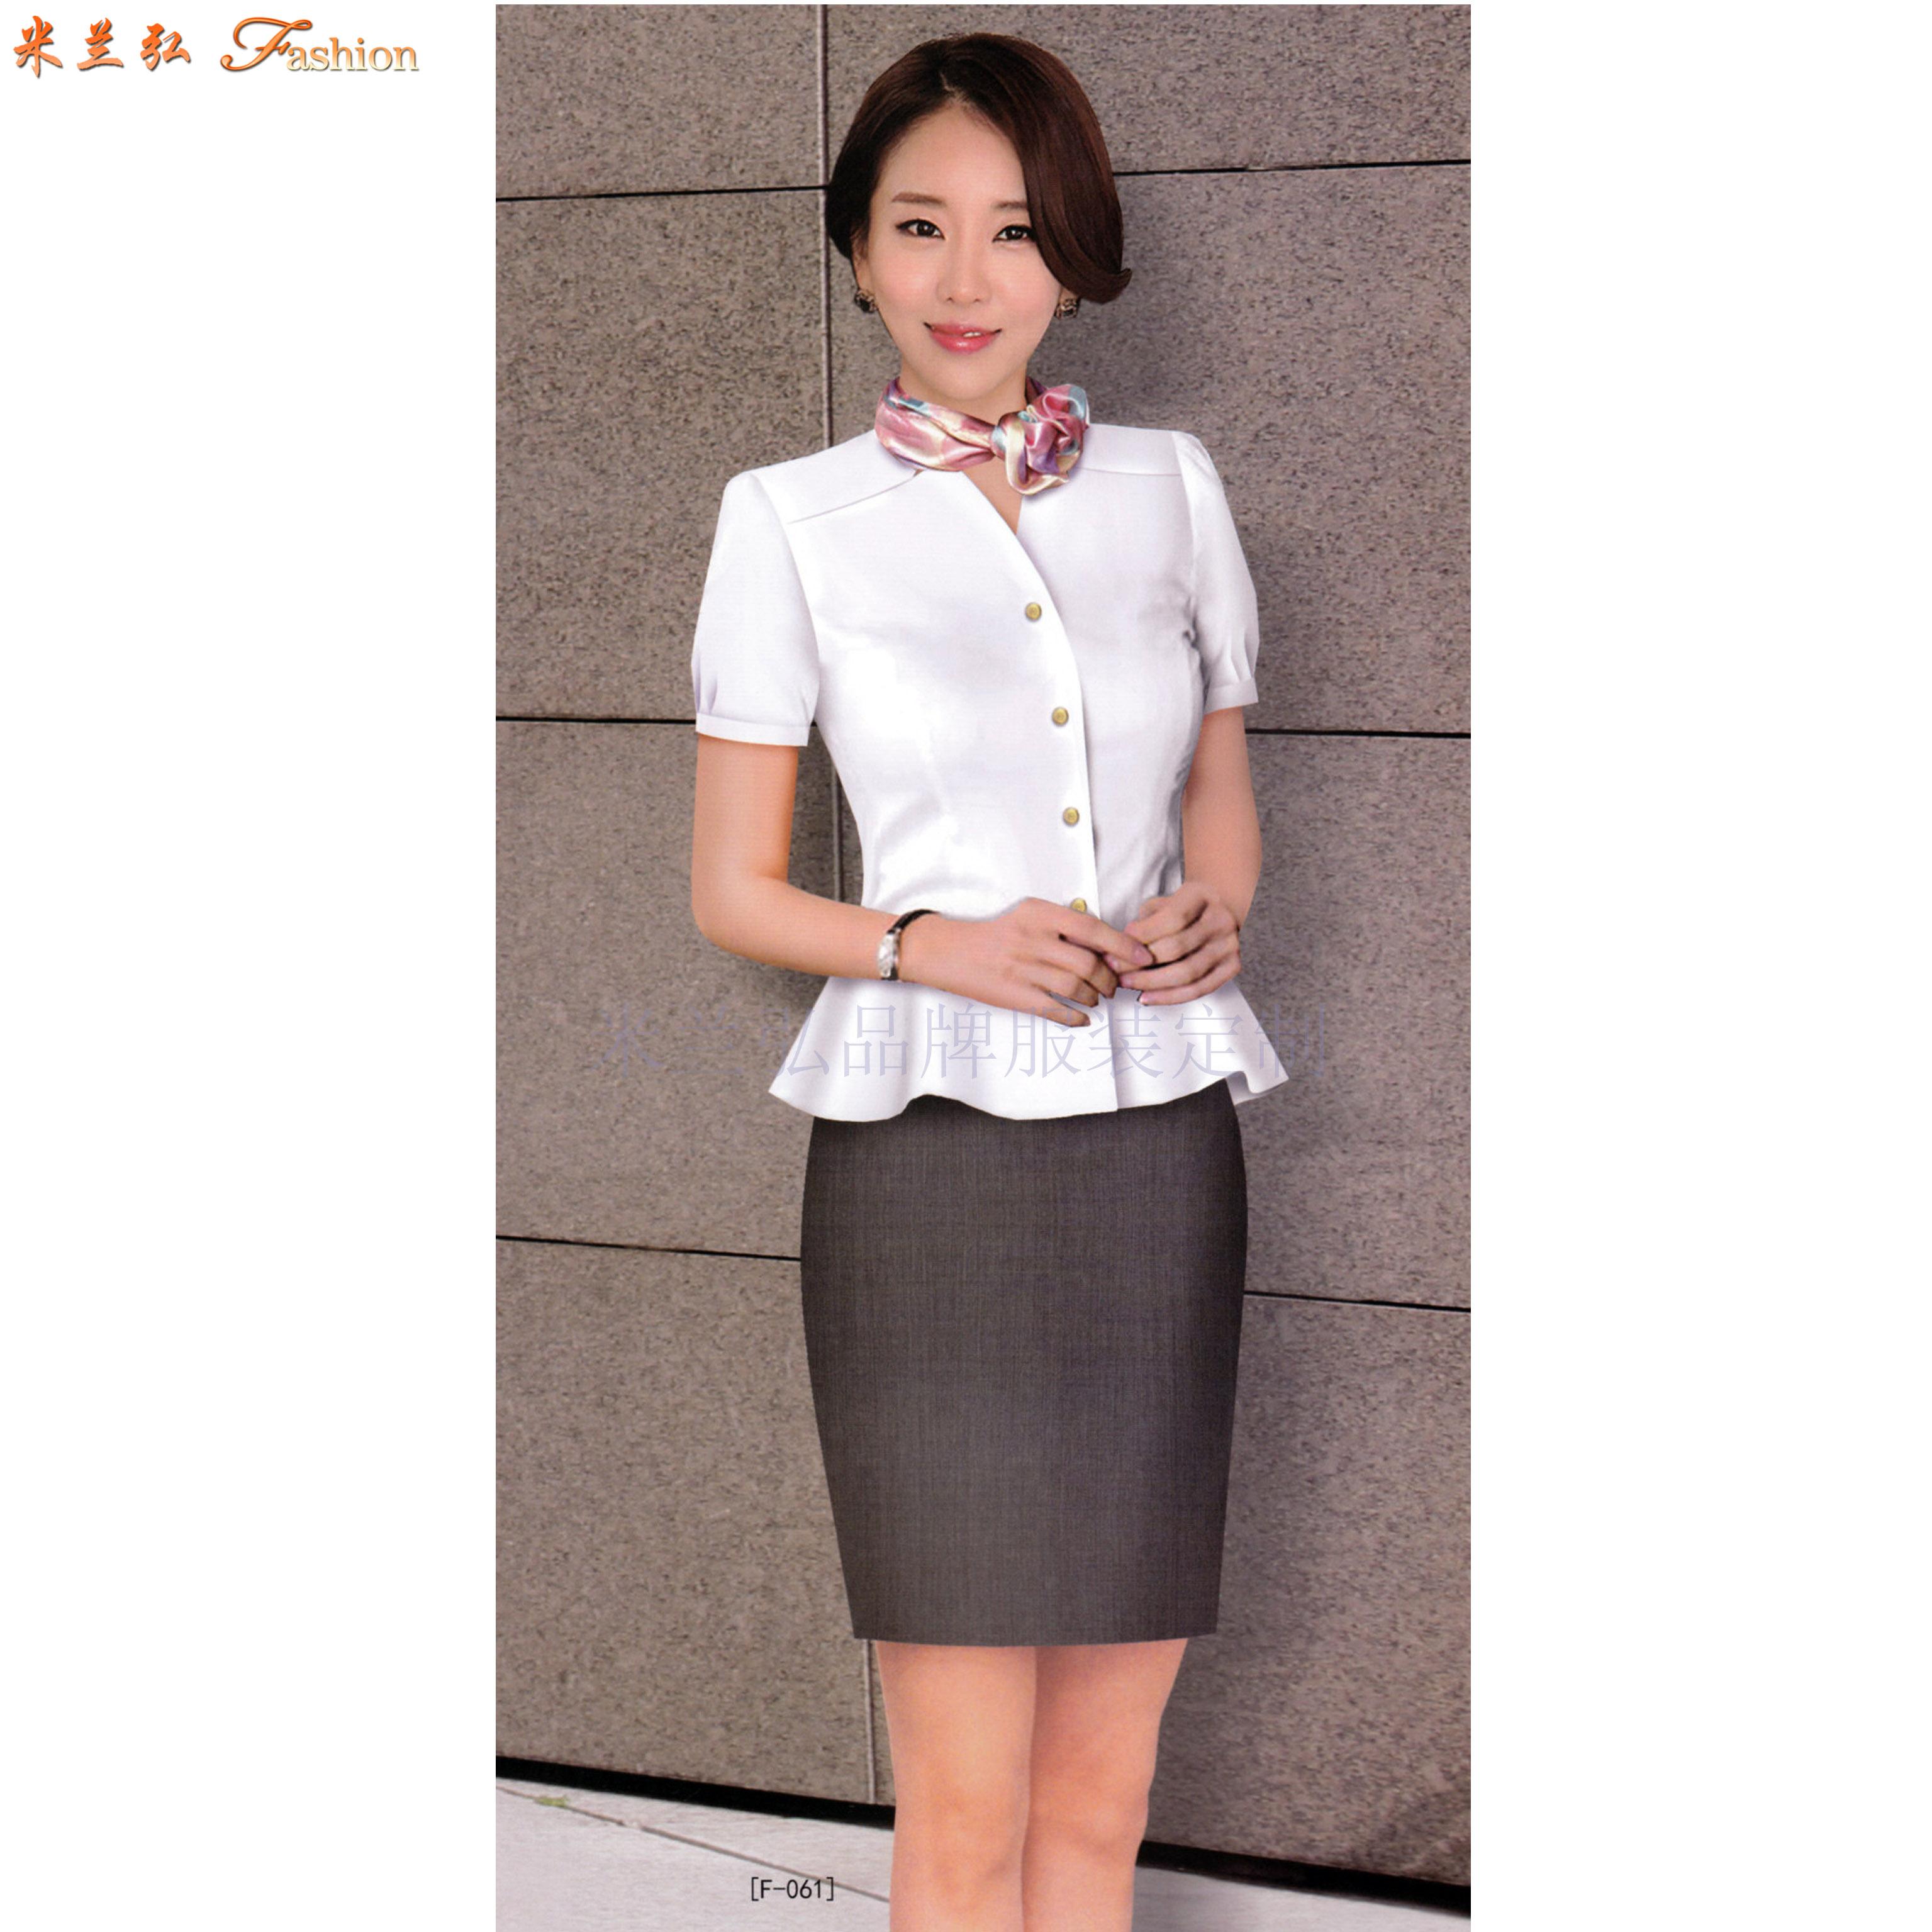 「短袖工作服」供应订制企业夏天凉爽短袖衬衫套装-米兰弘服装-1